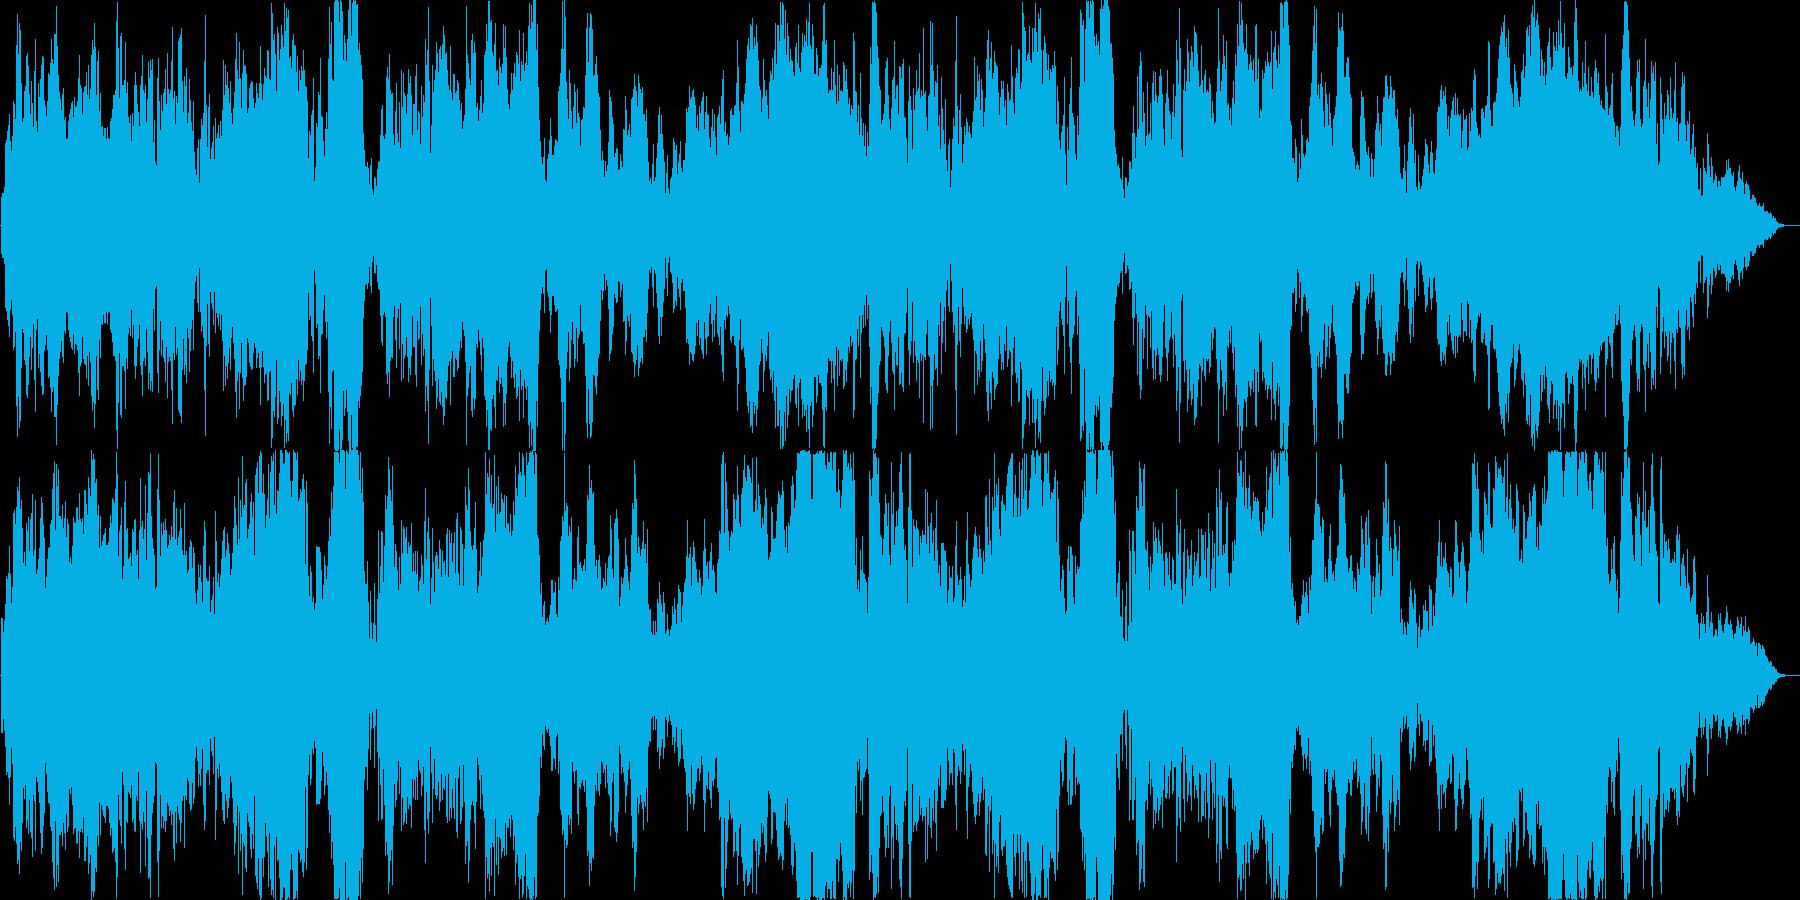 城や貴族の邸宅をイメージした曲の再生済みの波形